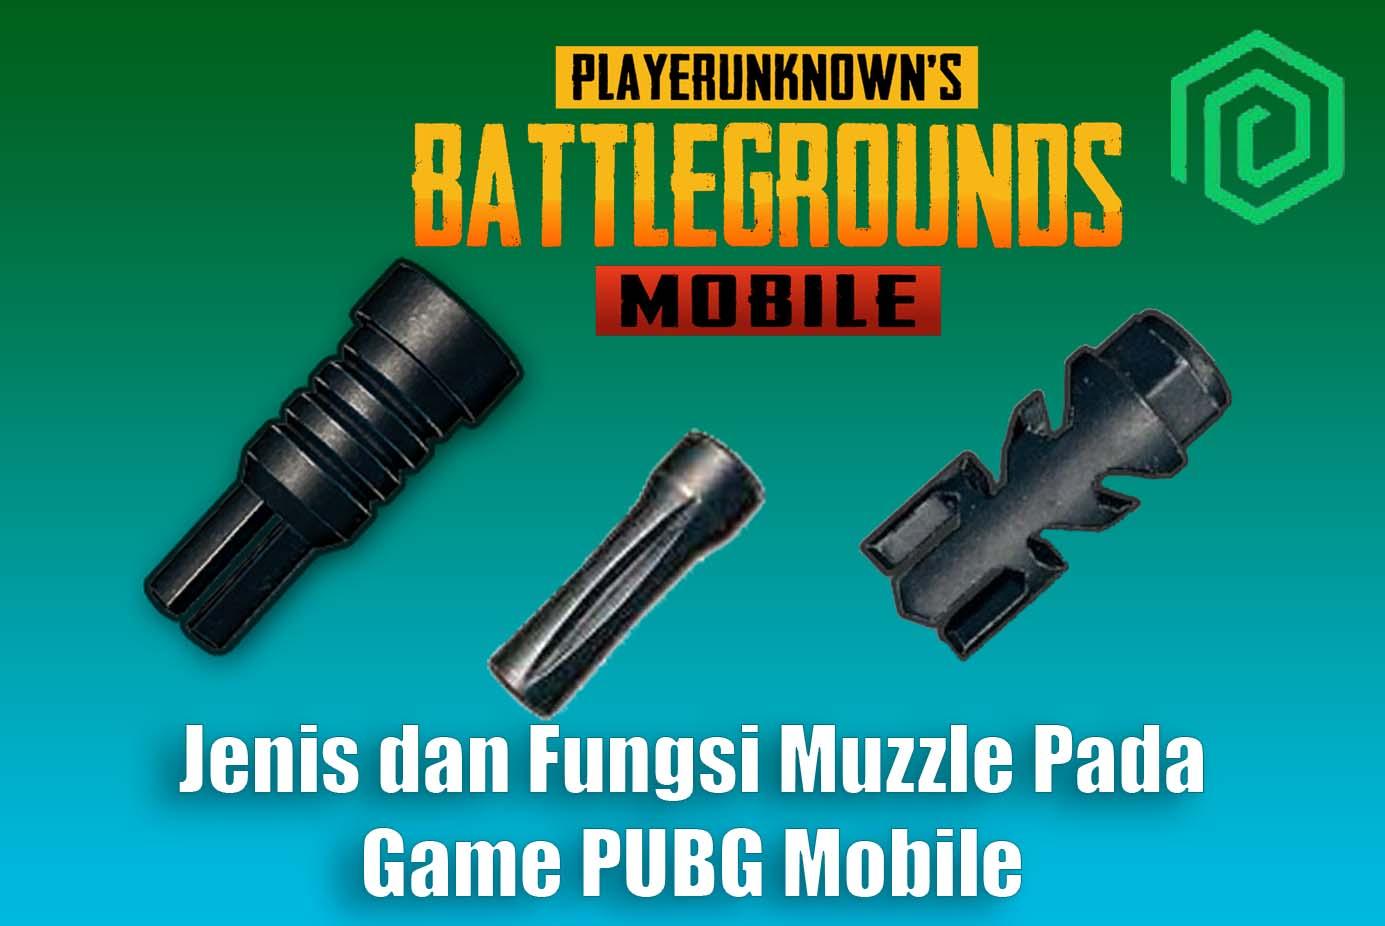 Jenis dan Fungsi Muzzle Pada Game PUBG Mobile